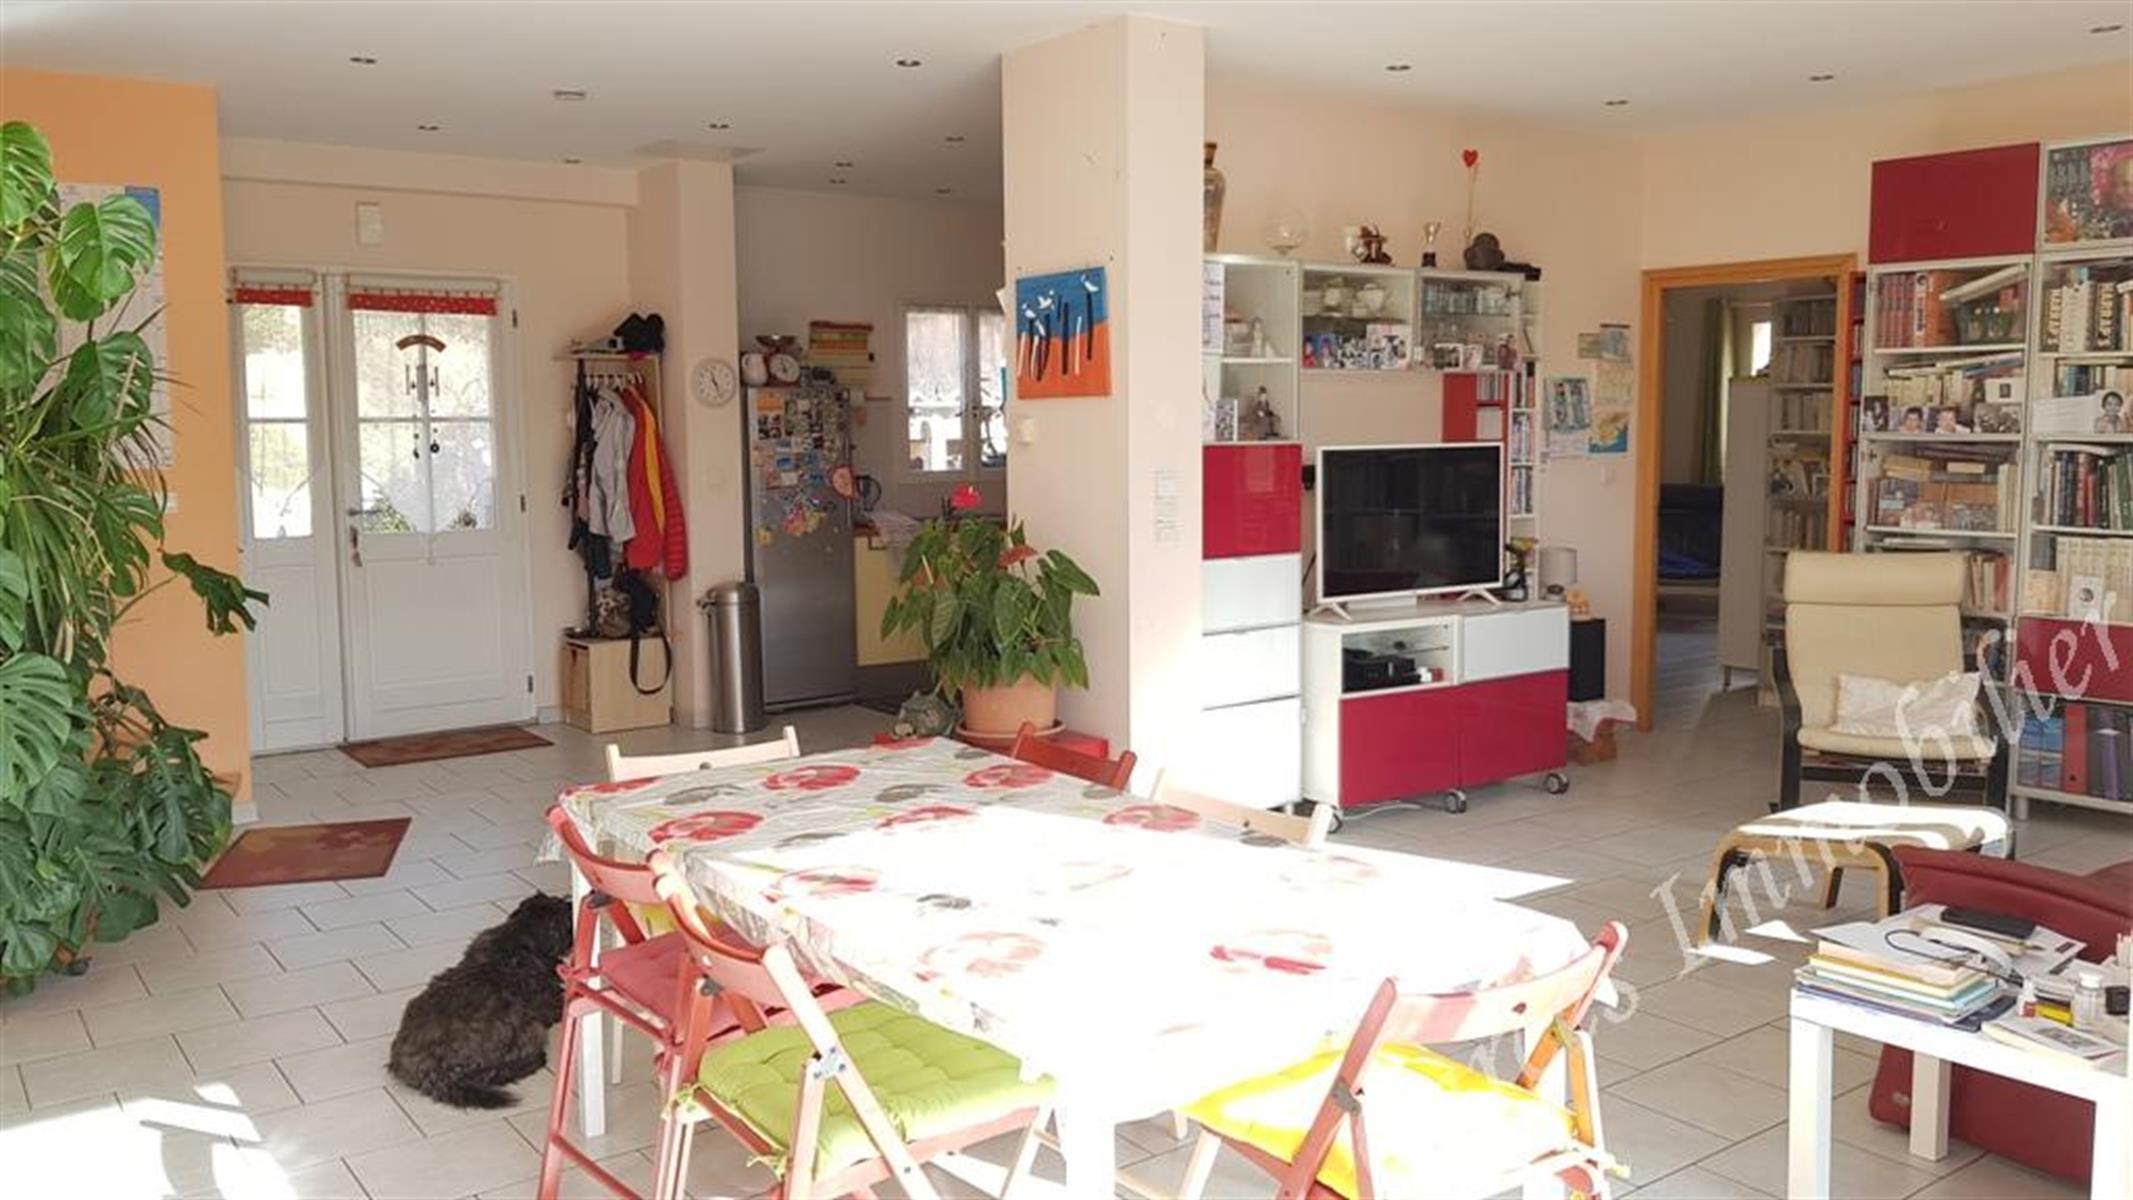 Maison - Carces - #4268796-3